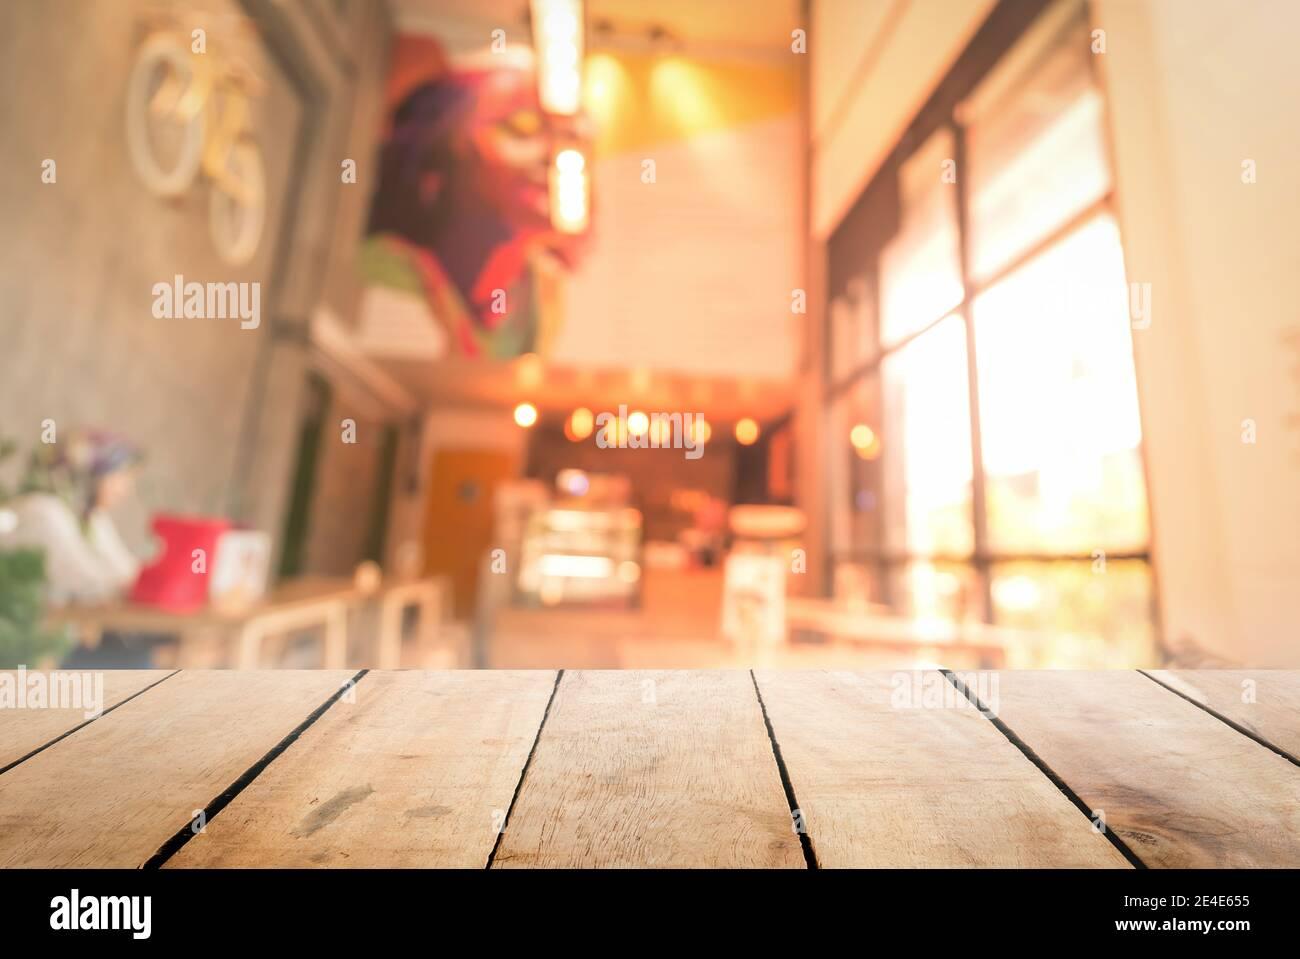 Abstrakt schön verschwommen Shop Hintergrund. Stockfoto